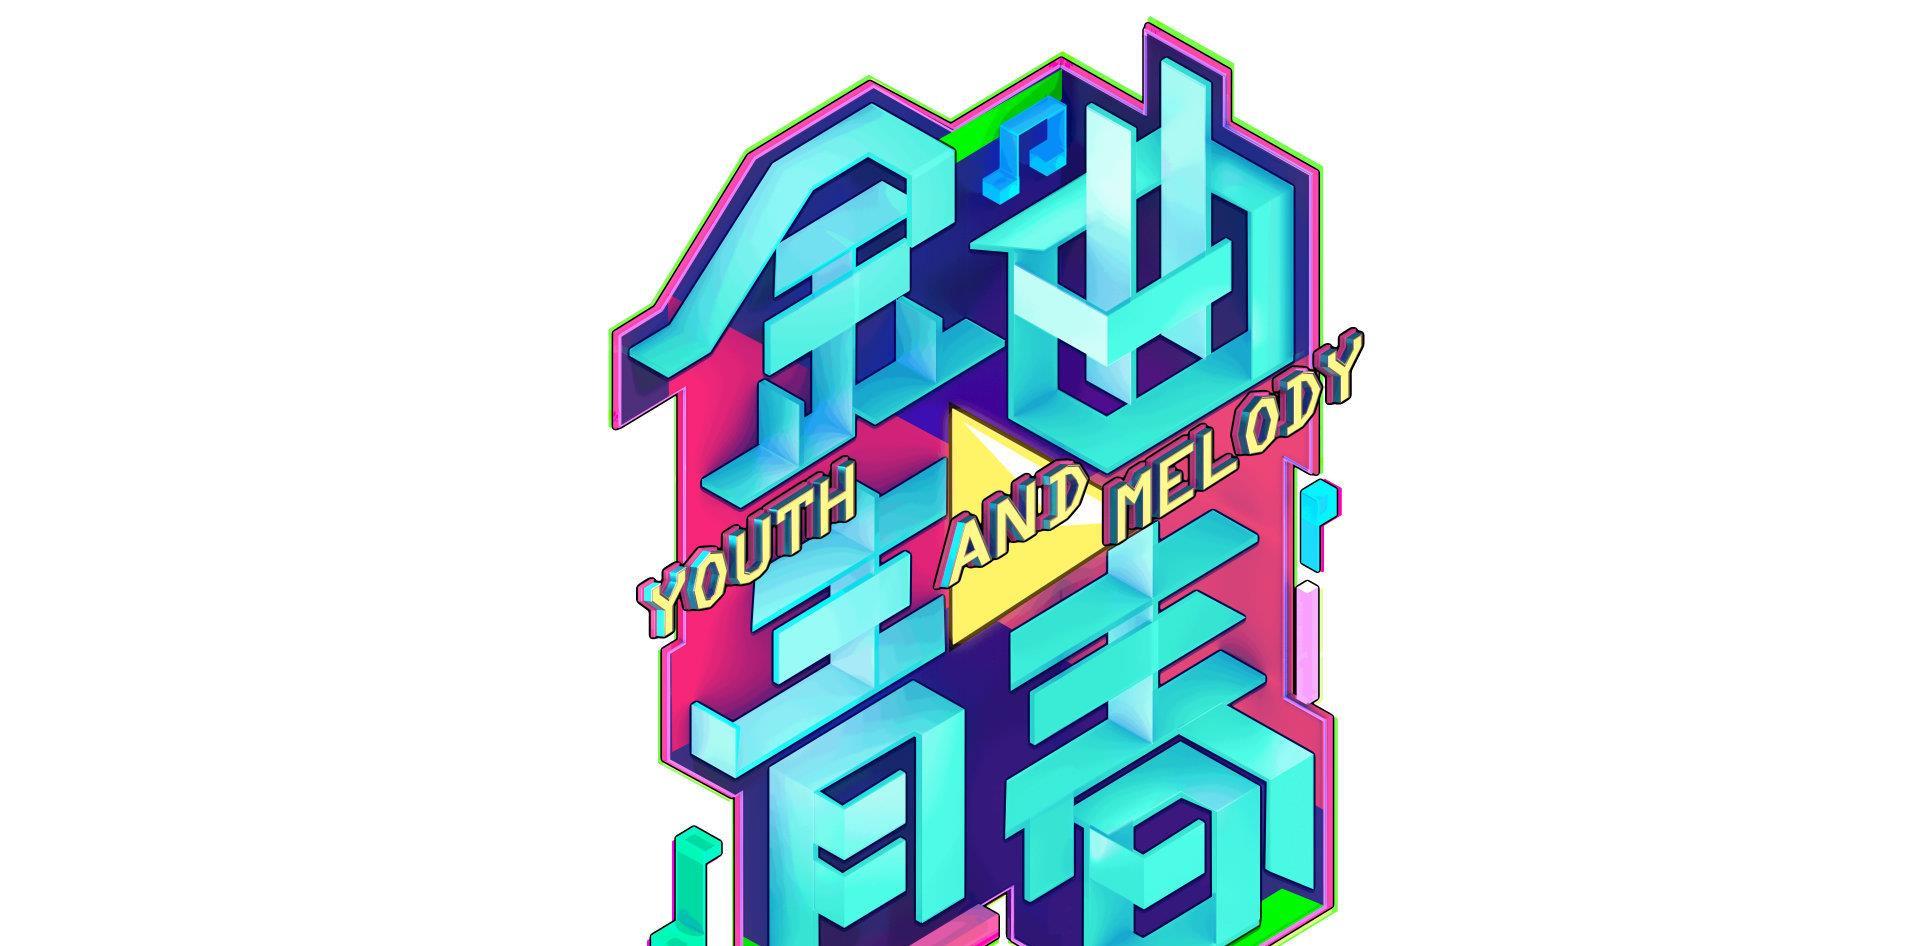 朱正廷、陈卓璇等明星在《金曲青春》再次演绎绝美舞台